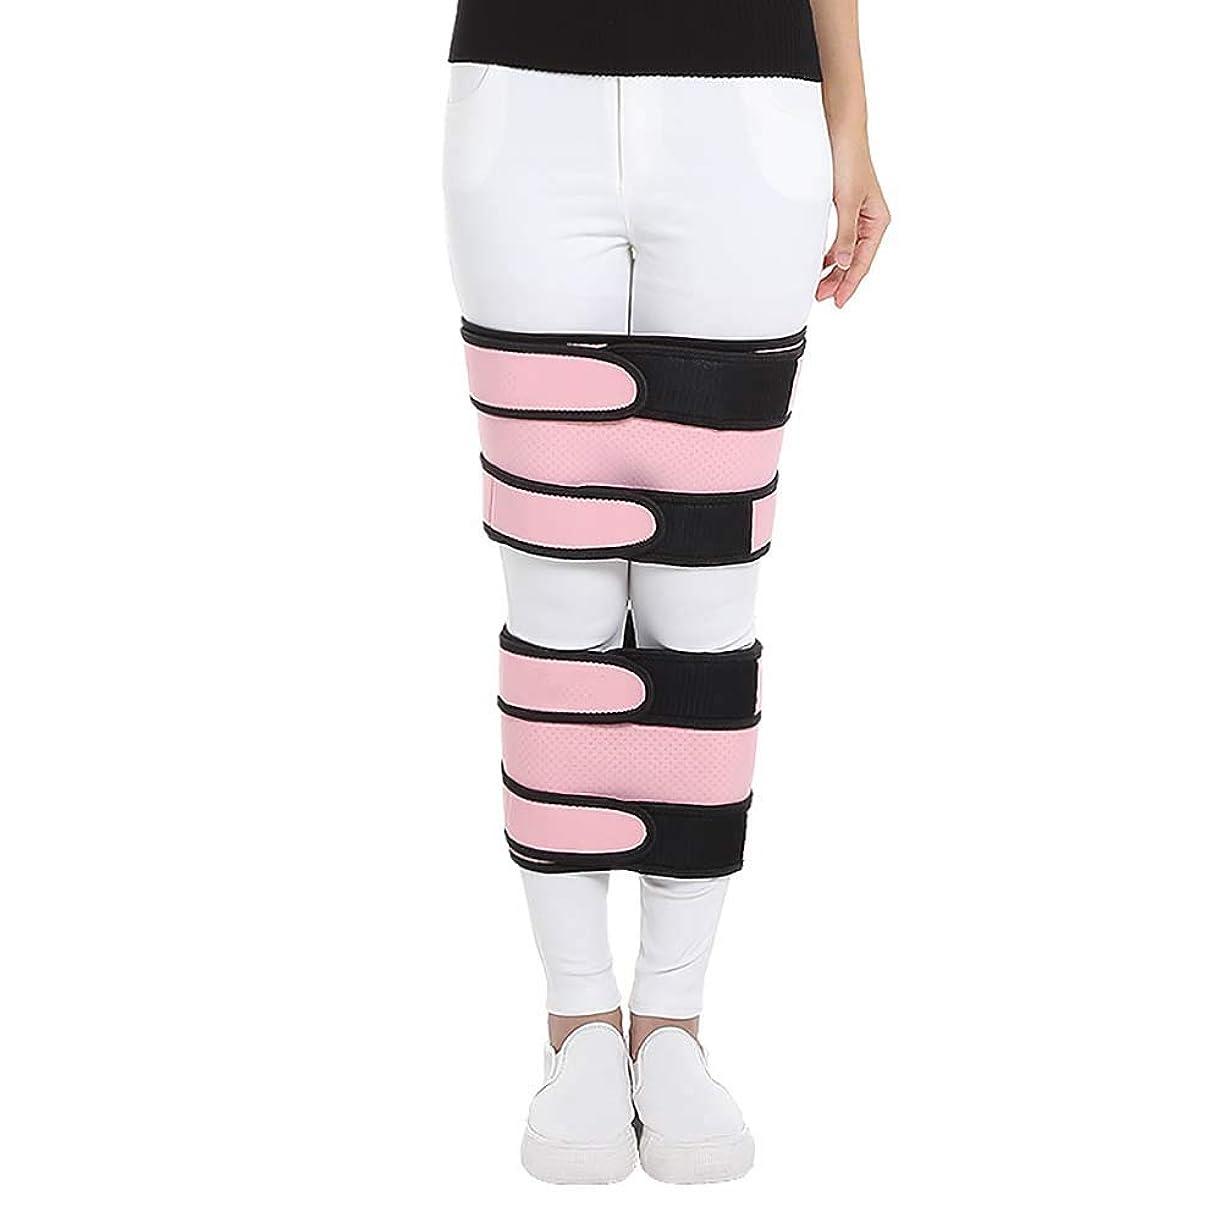 文化抵抗力があるワードローブO型脚とX型脚用の調整可能な脚補正バンド-補正ブレースベルトノック膝膝外反変形ボウ脚バンドはベルト耐久性を矯正,M